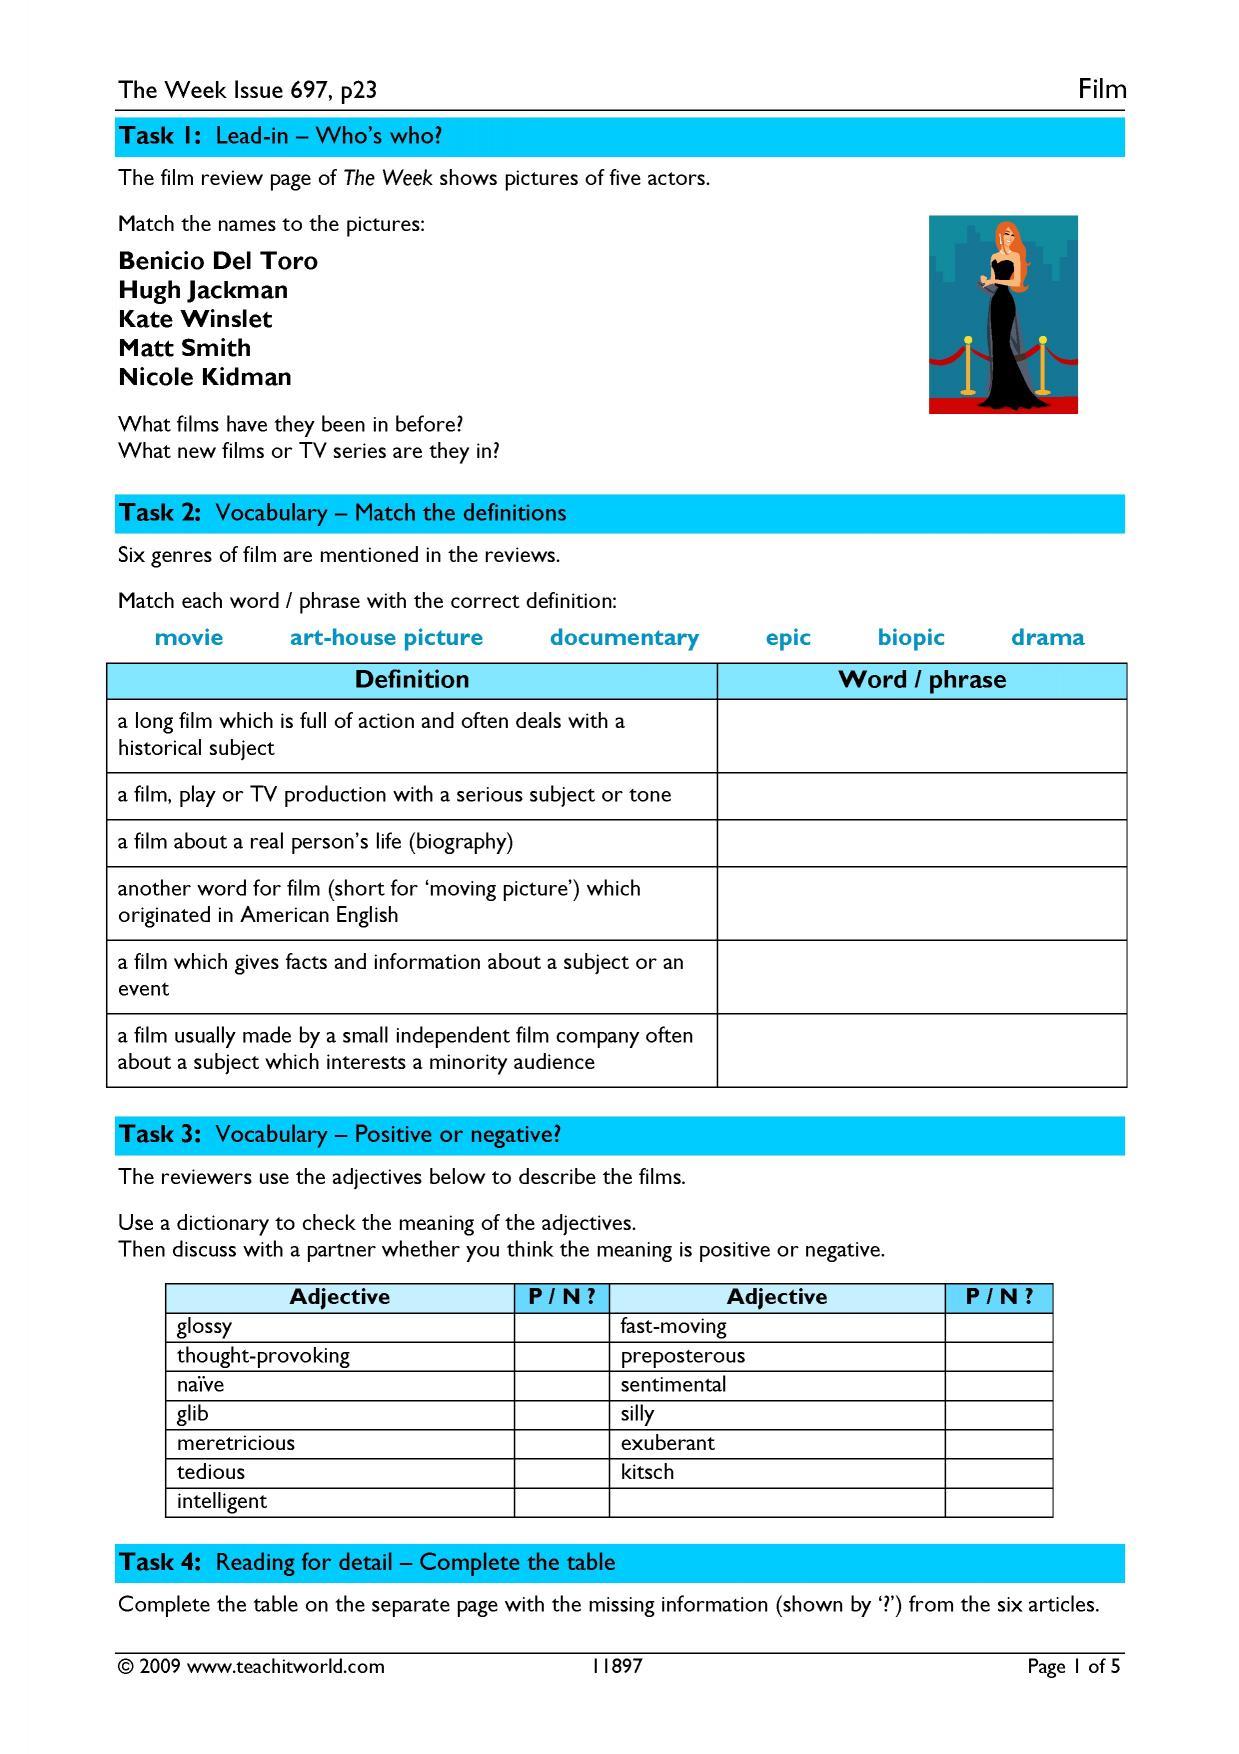 grammar of film language pdf free download